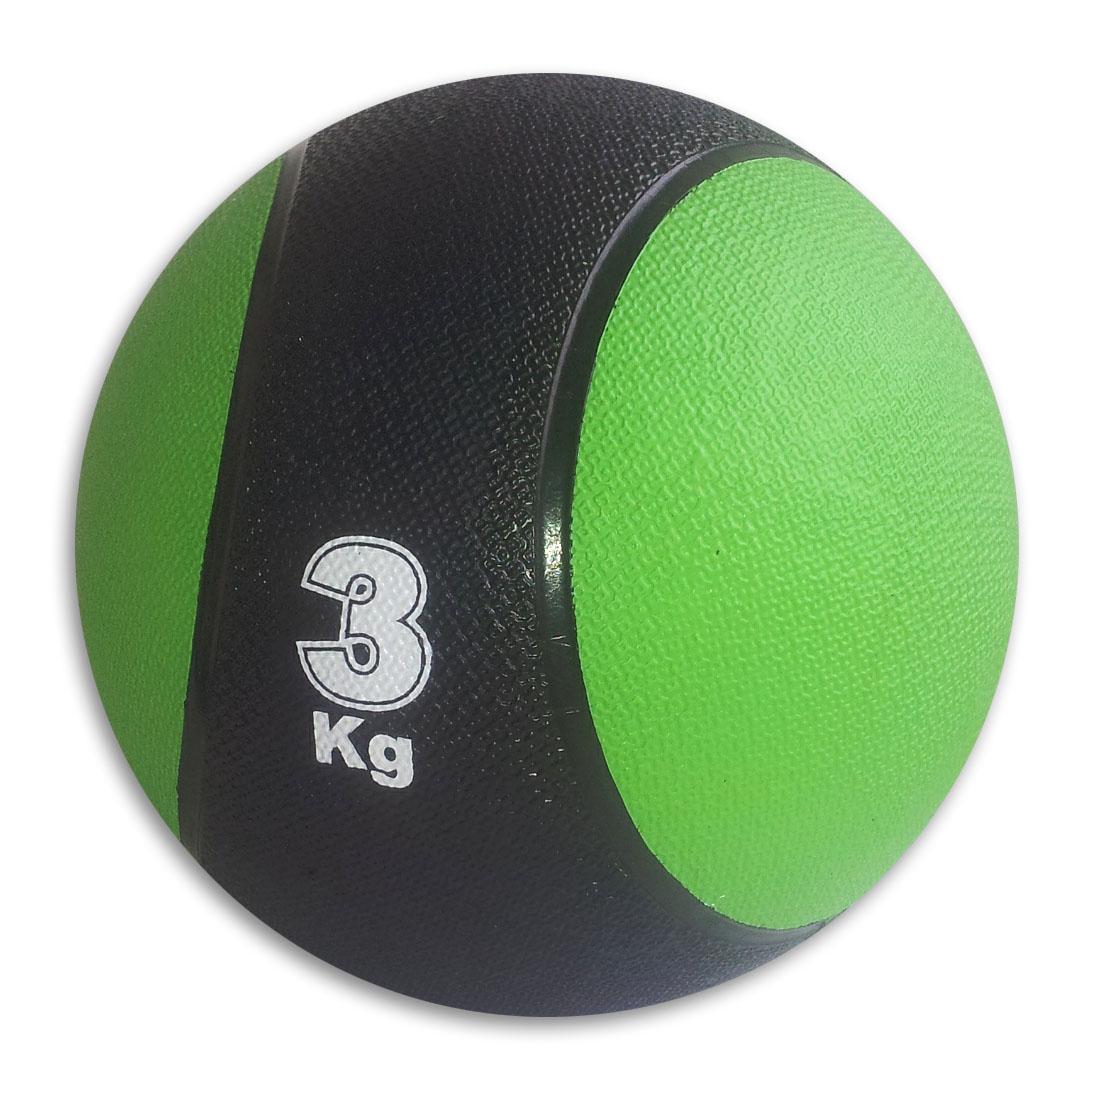 Медицинбол Start Up MBR3, цвет: черный, зеленый, 3 кг, 22 см290260Медицинбол Start Up MBR3 - тренировочный мяч, который прекрасно подходит для занятий фитнесом, аэробикой или ЛФК (лечебной физкультурой). Шероховатая поверхность не дает ему выскользнуть из рук. Предназначен для укрепления мышц плечевого пояса, спины, рук и ног. Мяч выполнен из резины, наполнен также резиной.